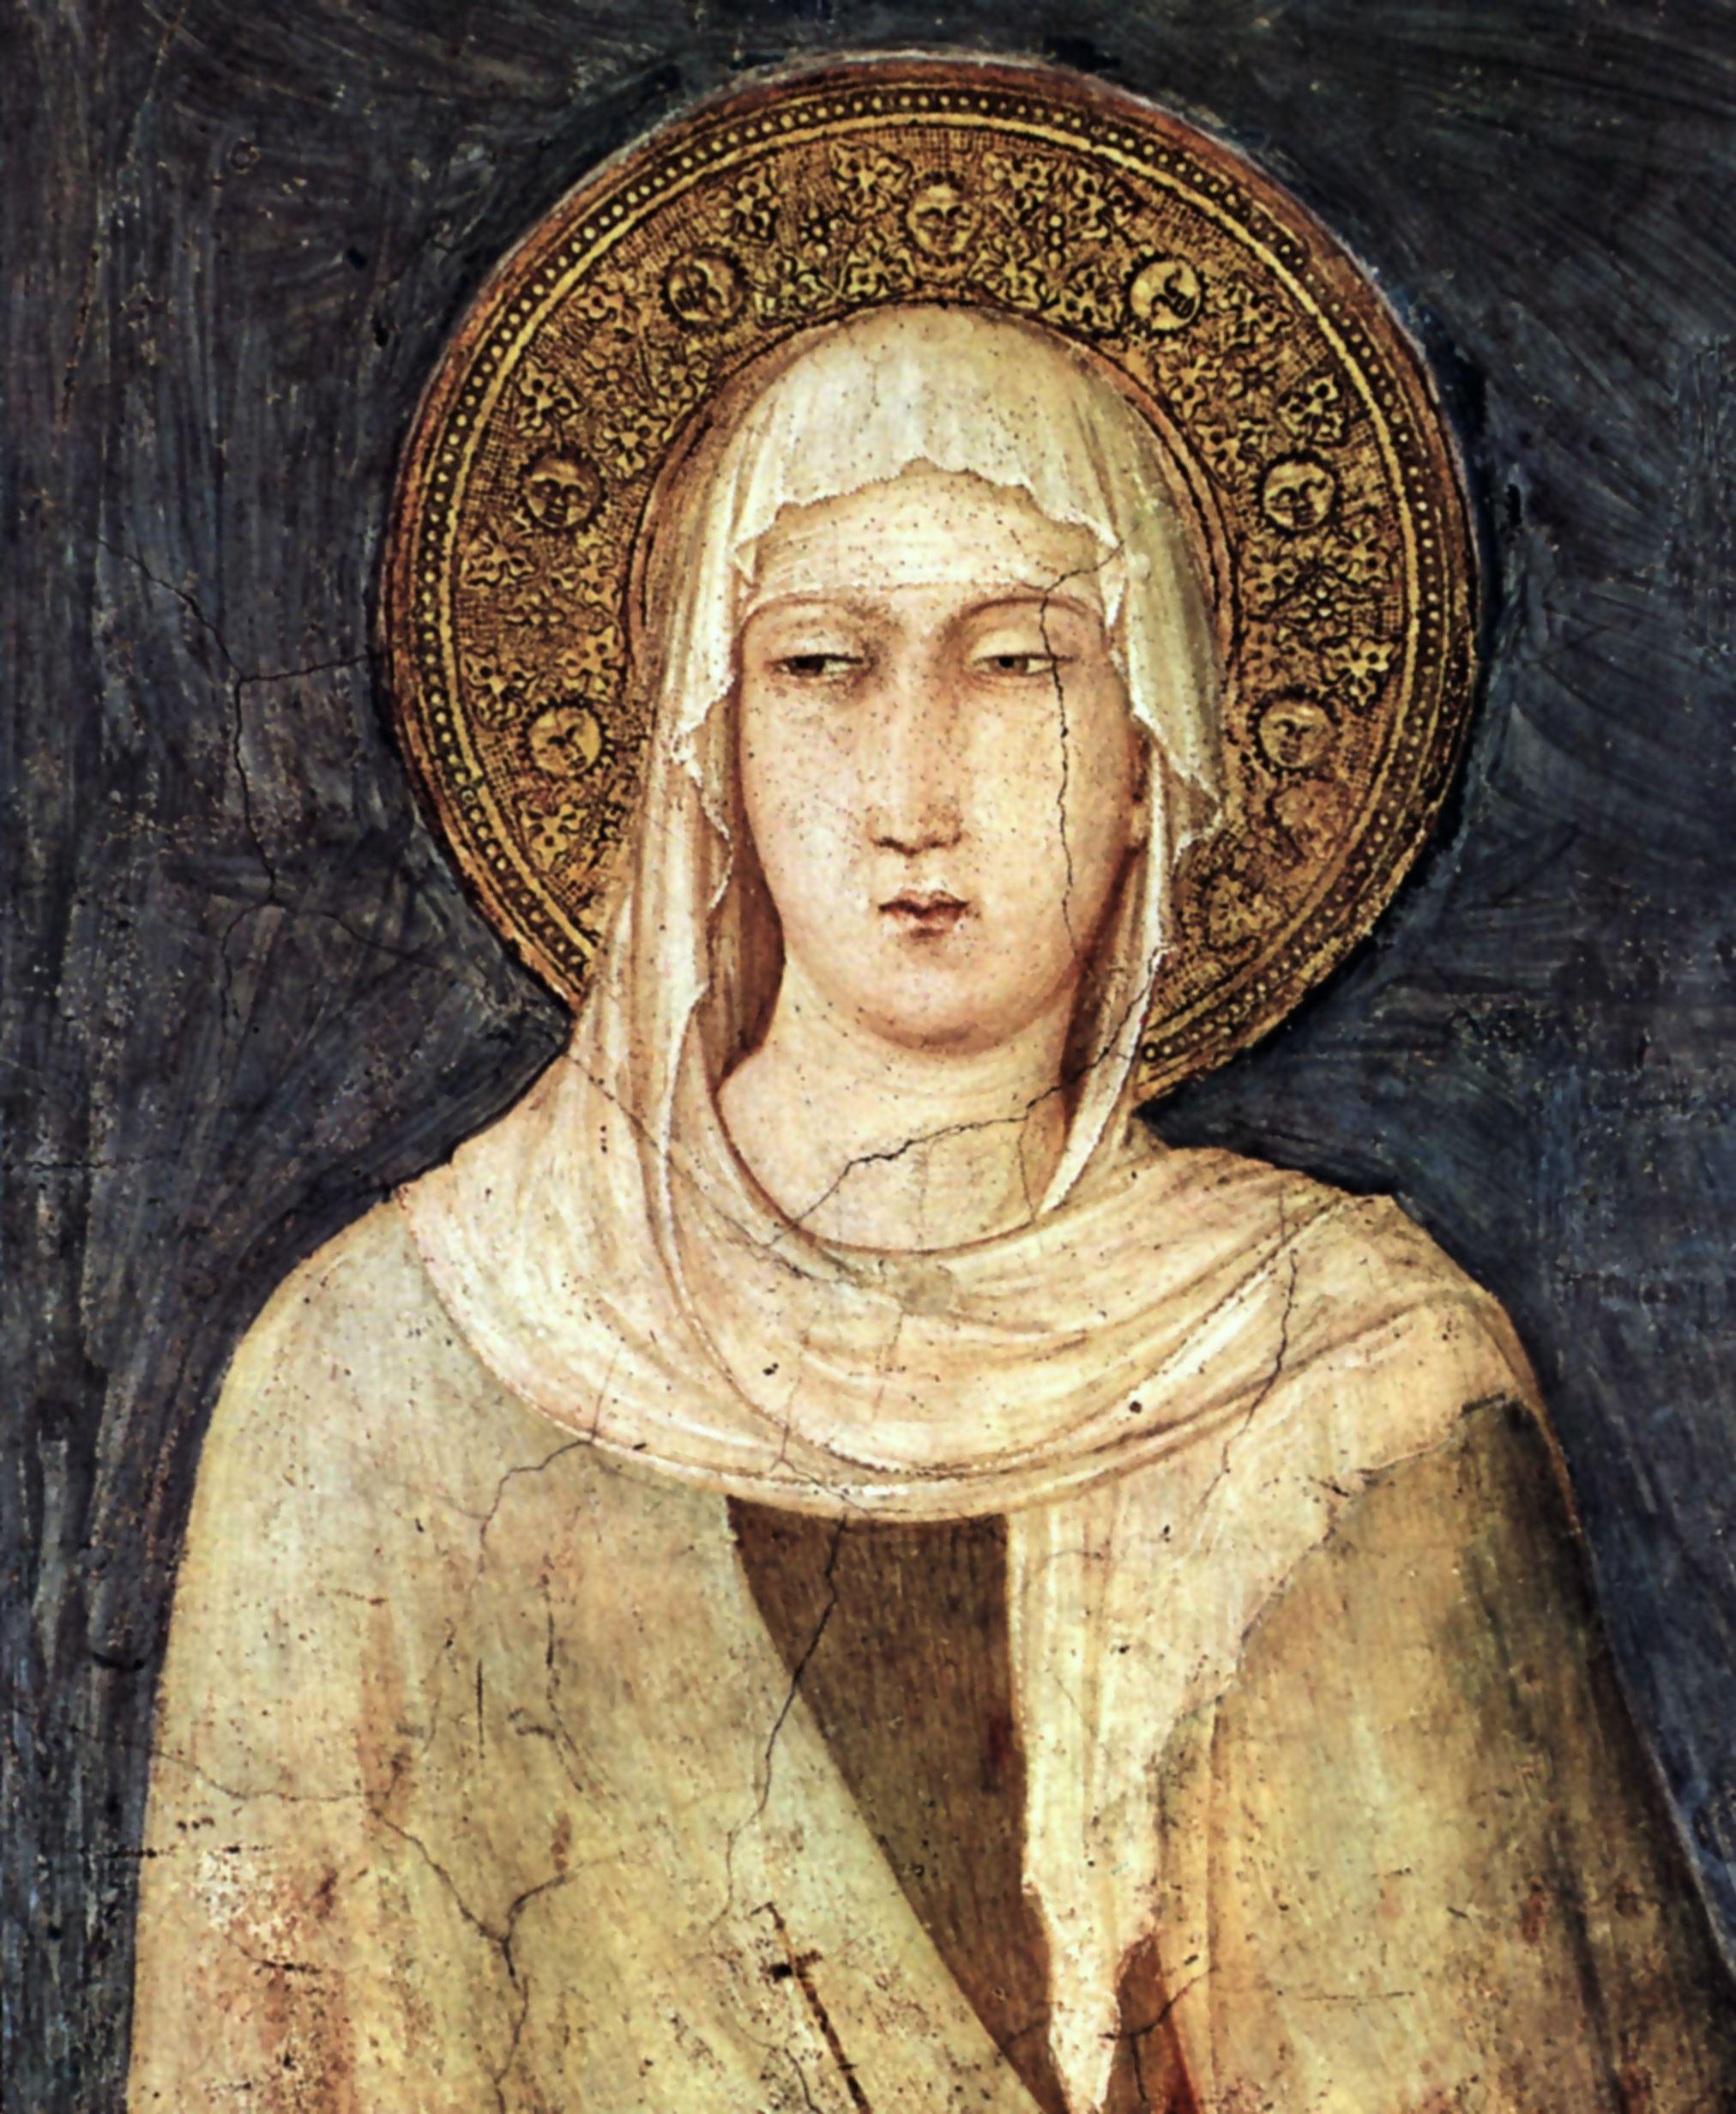 Santa Clara de Assis, Simone Martini (1284-1344), fresco na Basílica de São Francisco, em Assis.